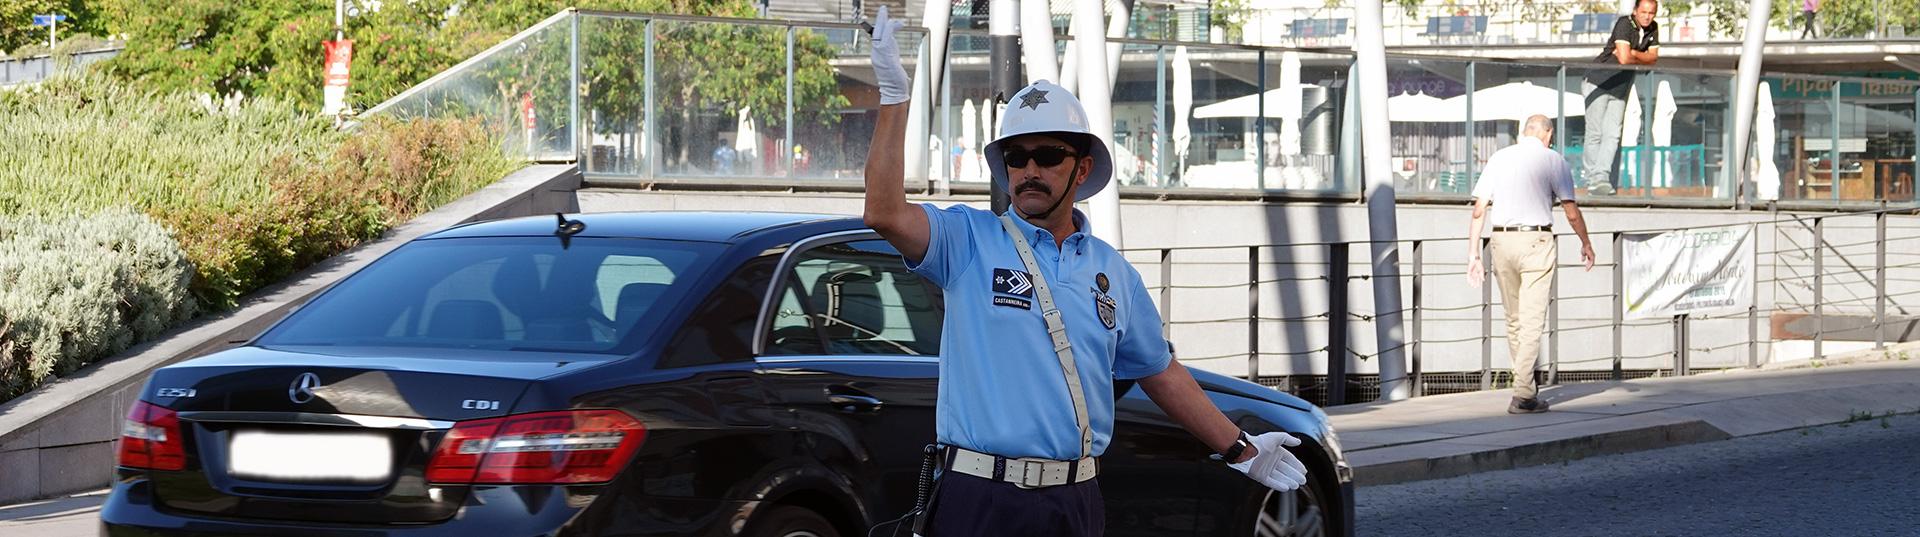 policia sinaleiro_1920